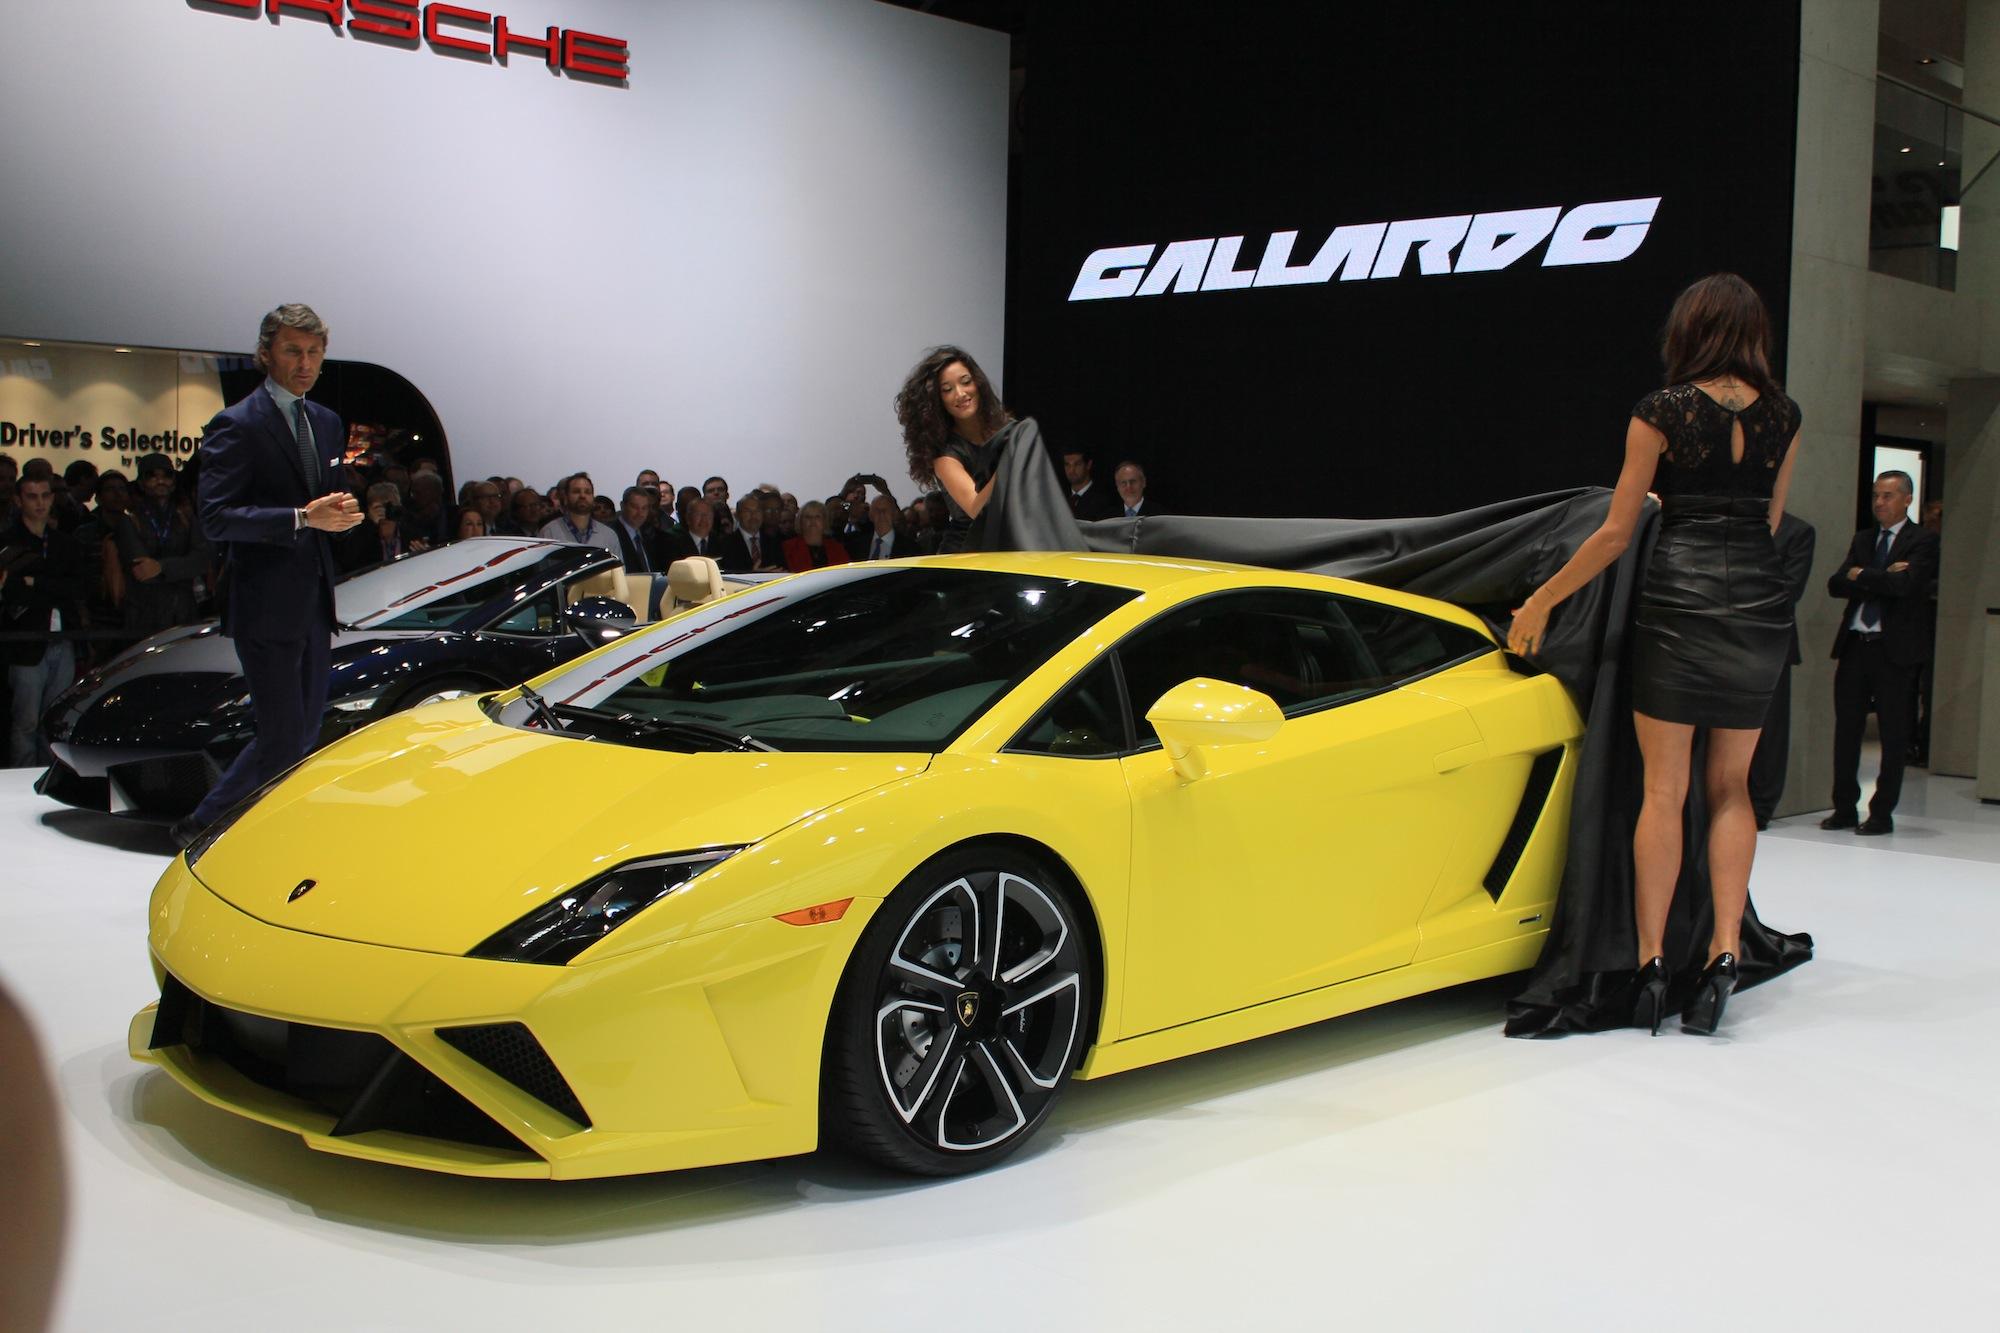 2013 Lamborghini Gallardo Lp 560 4 Live Photos 2012 Paris Auto Show